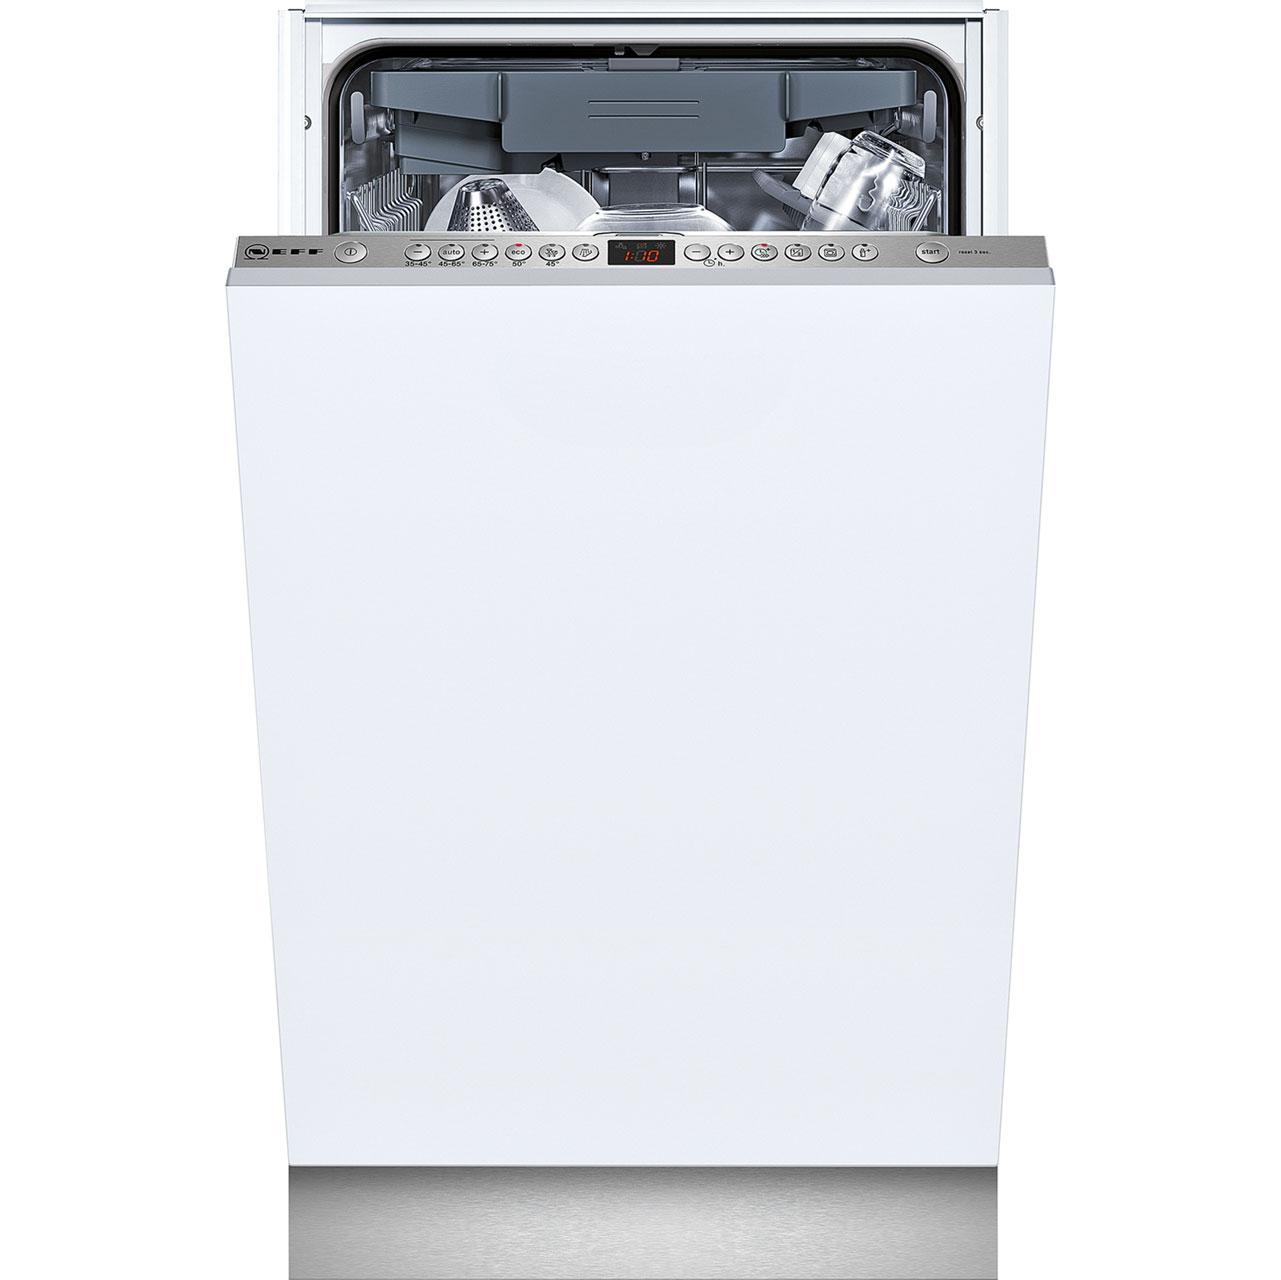 Stainless Steel Dishwasher Panel Kit Slimline Dishwasher Doors Replacing An Integrated Dishwasher Door